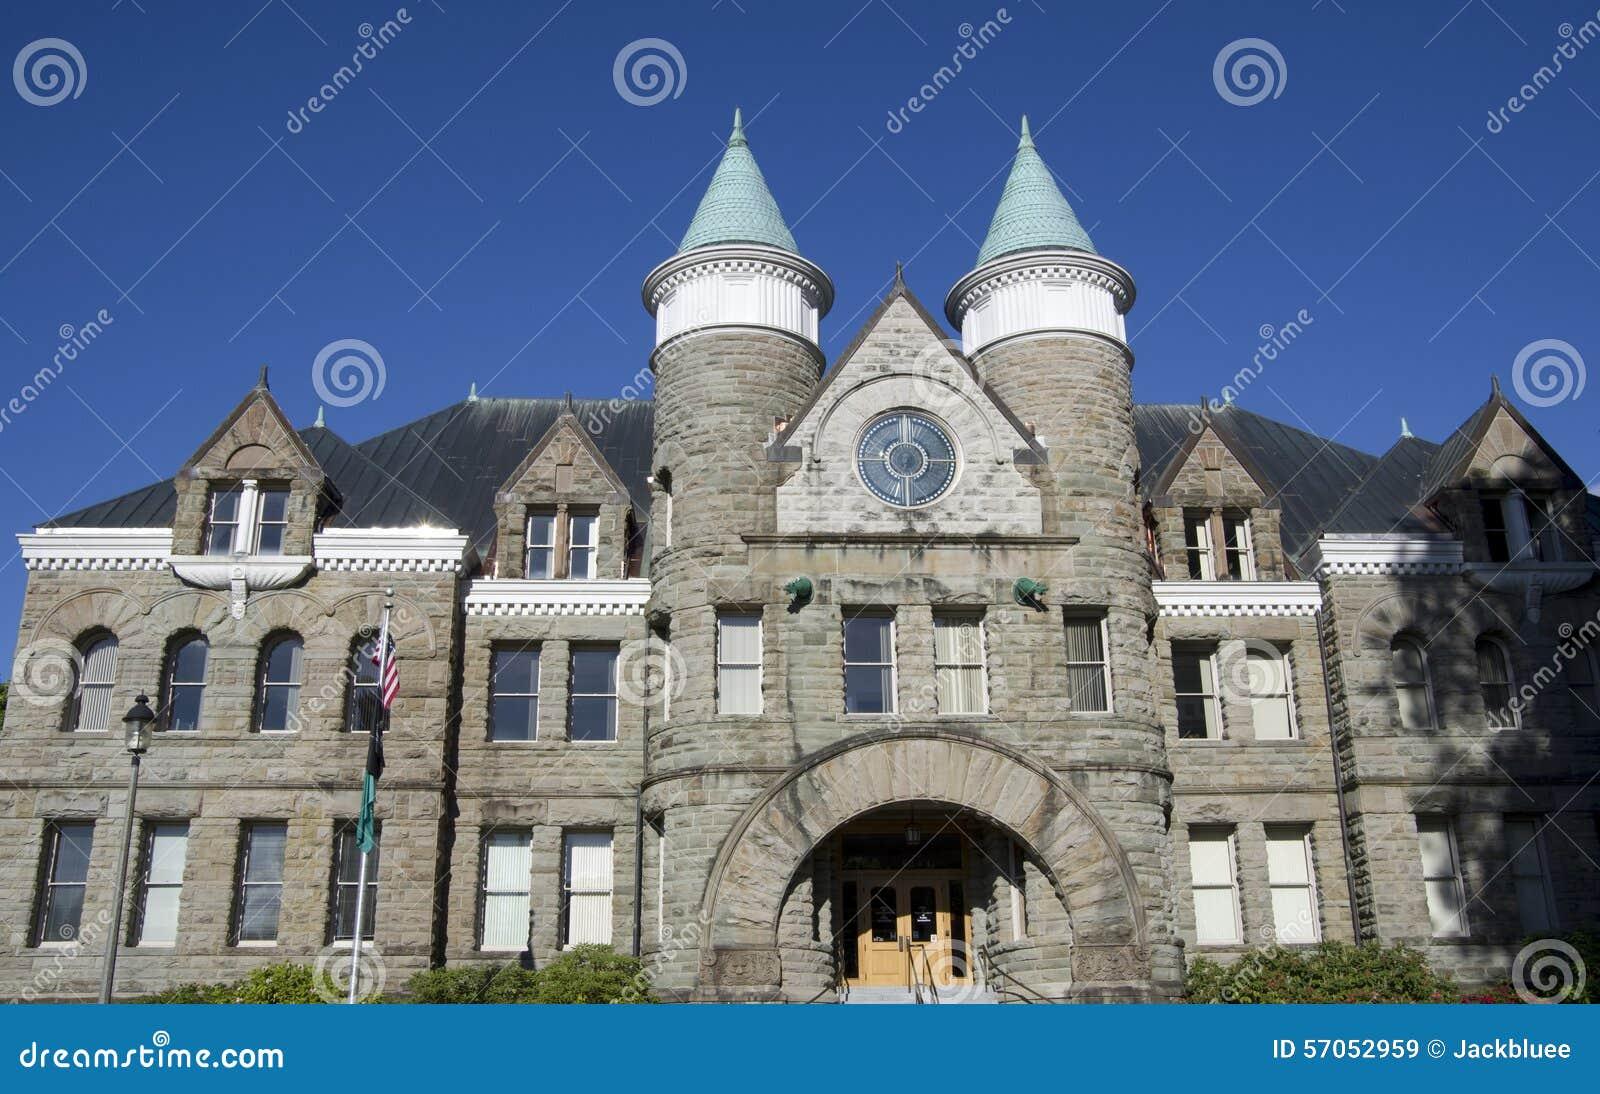 Kerk van de architectuur van de kasteelstijl